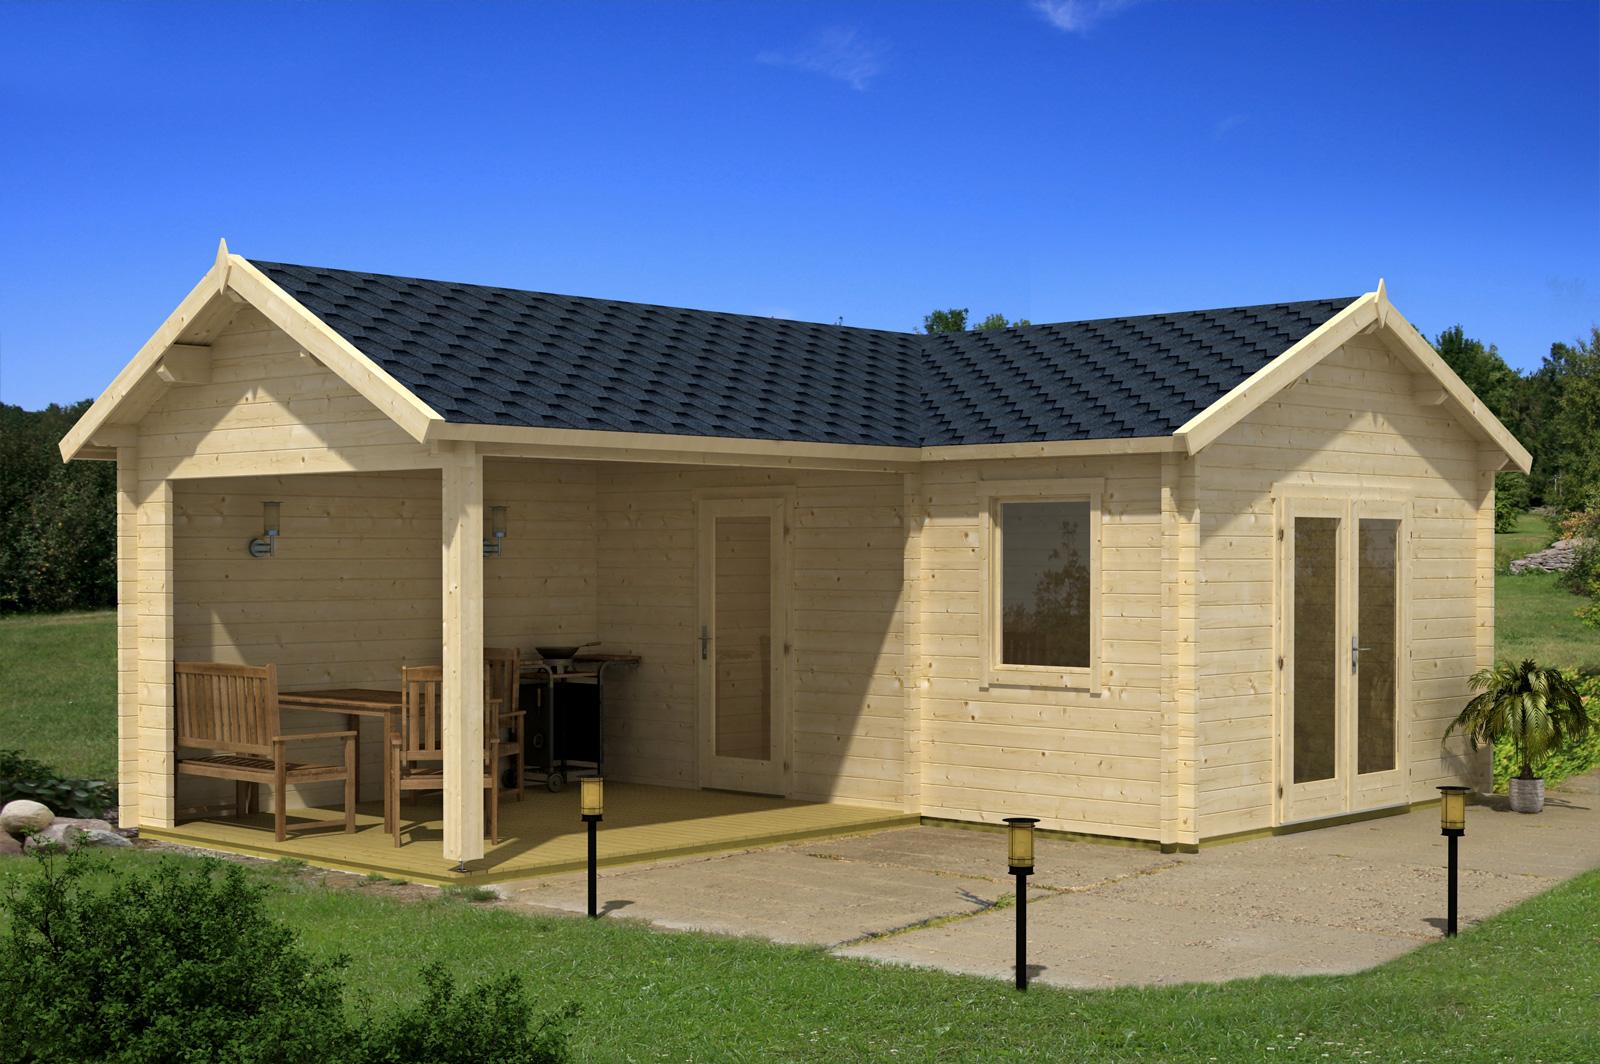 gartenhaus modell nadine 70 gartenhaus modell nadine 70. Black Bedroom Furniture Sets. Home Design Ideas